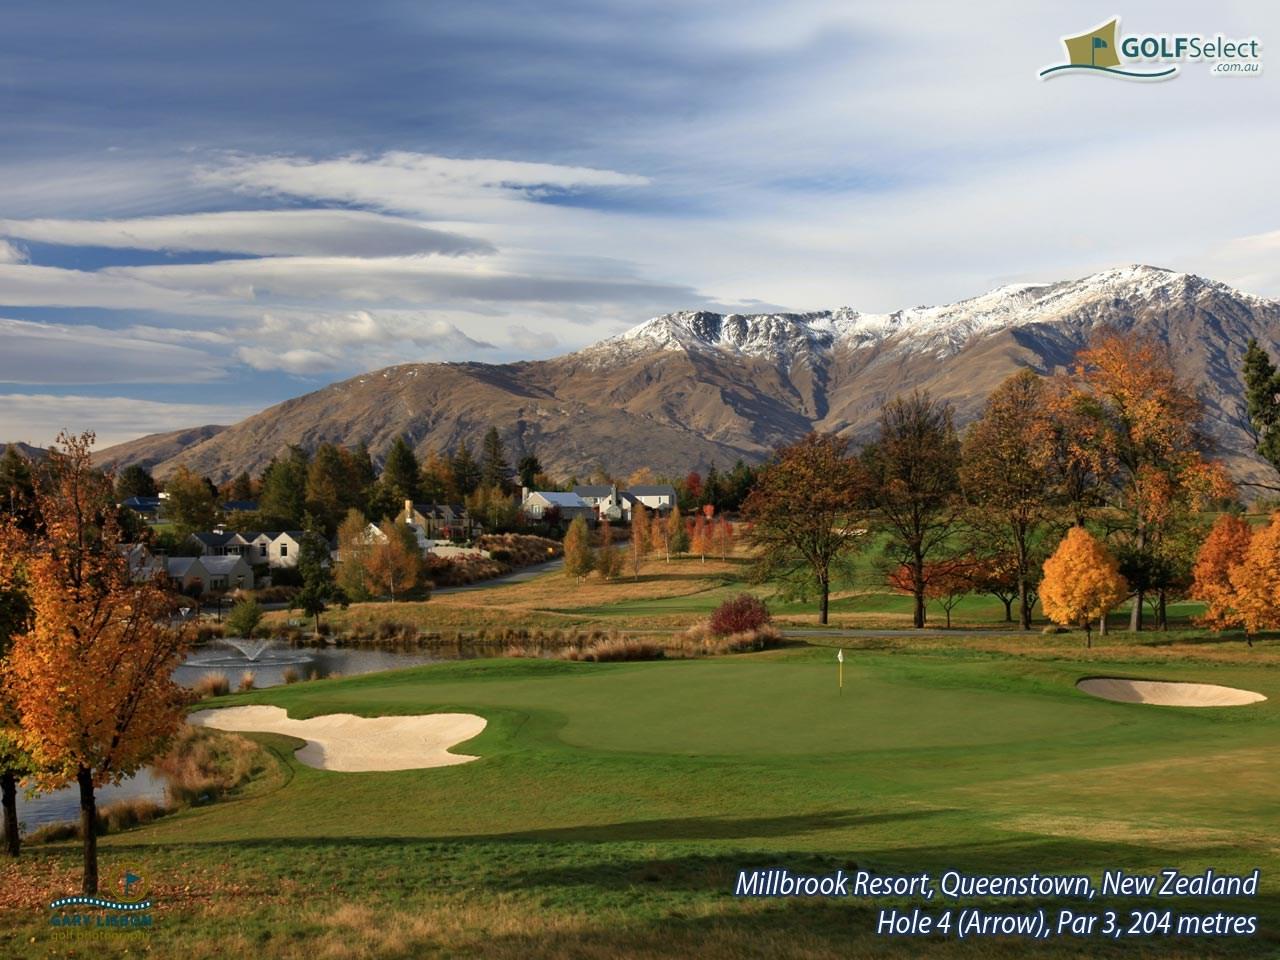 Golfselect Golf Wallpaper Millbrook Resort Hole 4